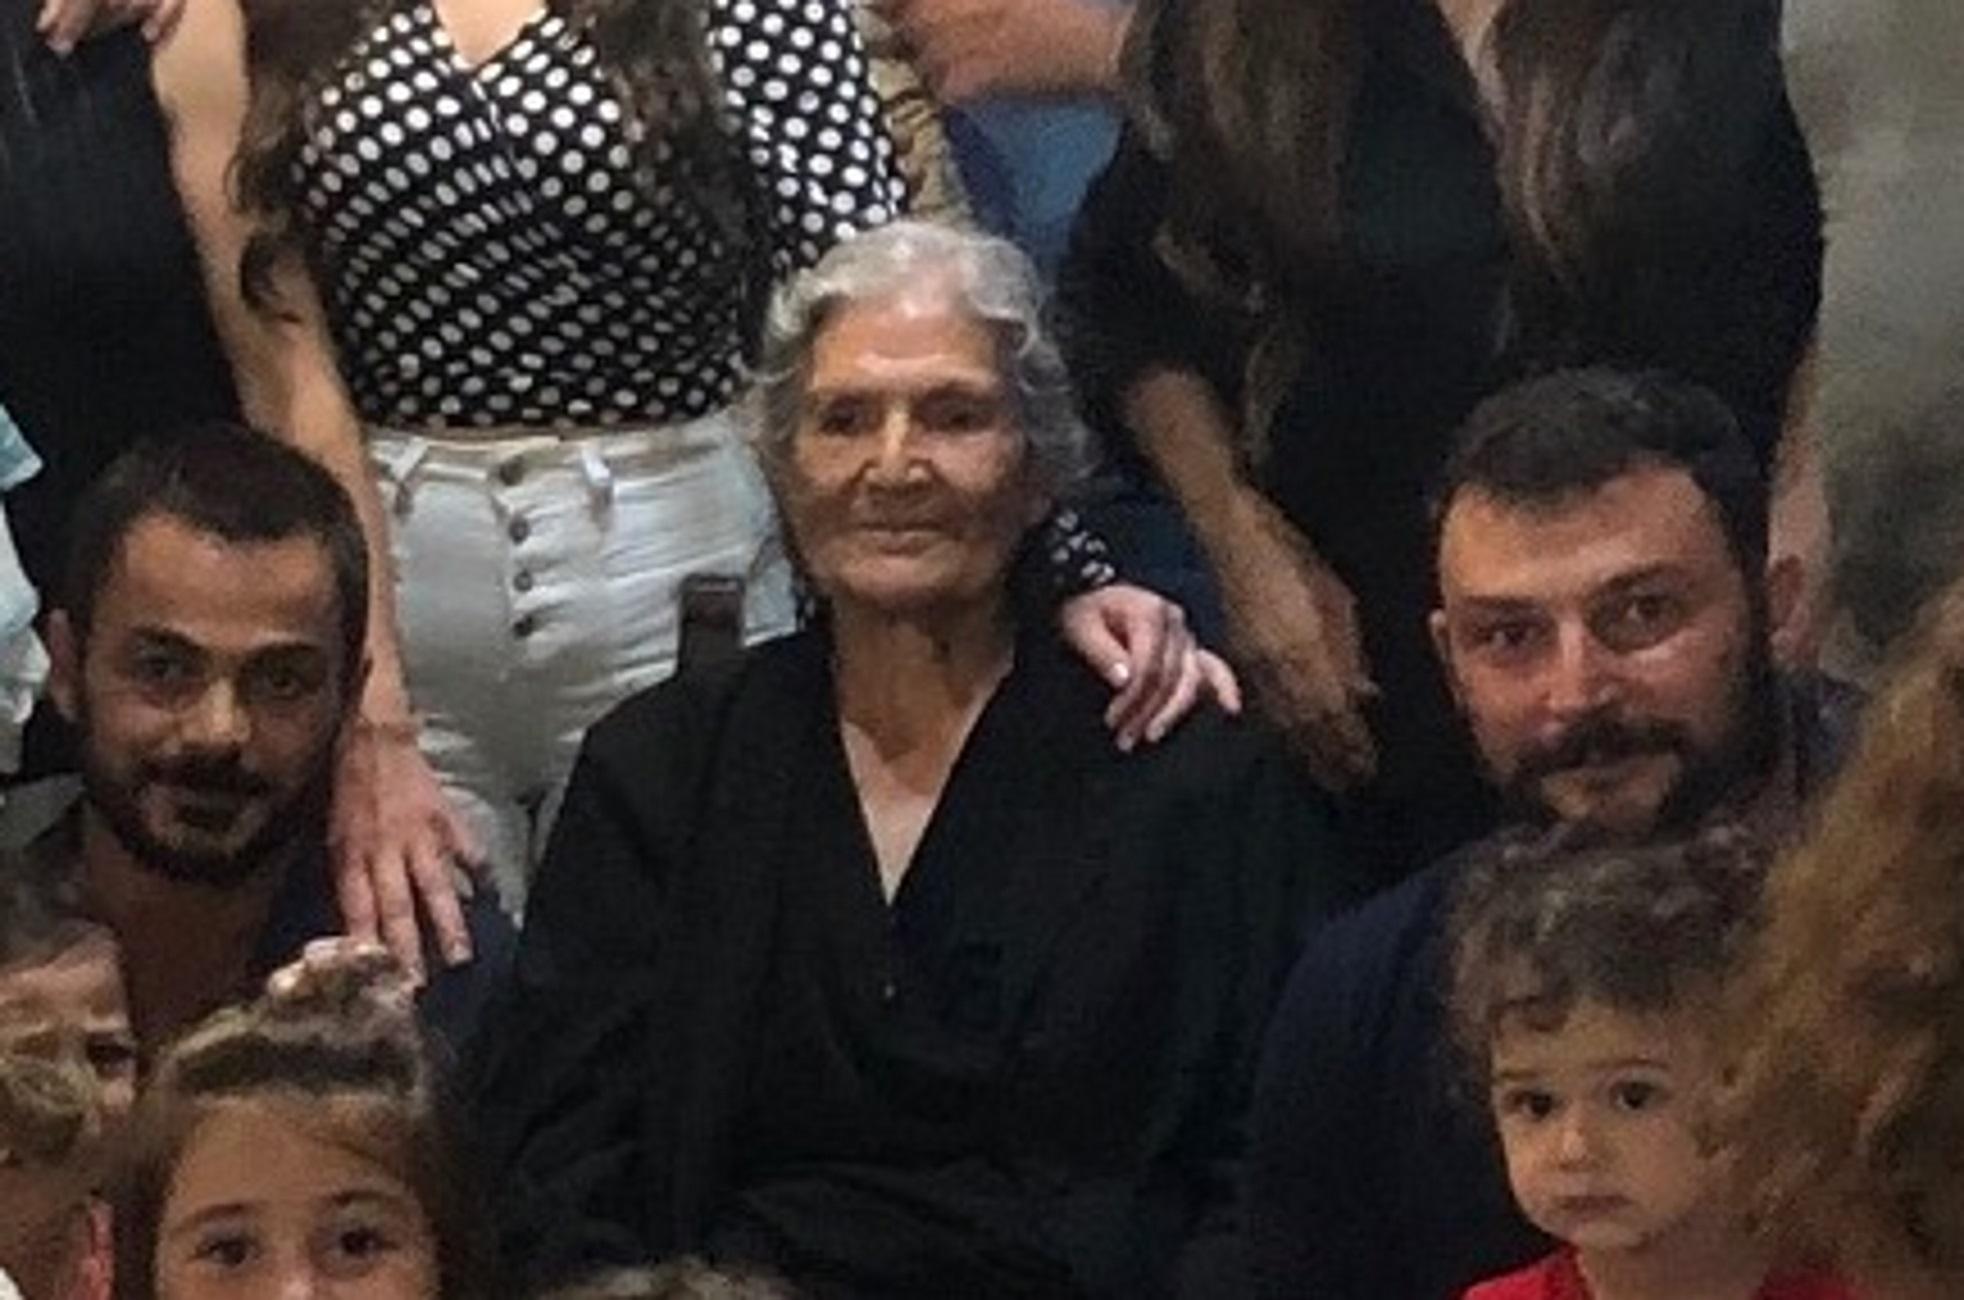 Ζωνιανά: Έκλεισε τα 81 και ζήτησε να της βγάλουν αυτή τη φωτογραφία! Θα πάθετε πλάκα όταν ανοίξει το πλάνο (Φωτό)